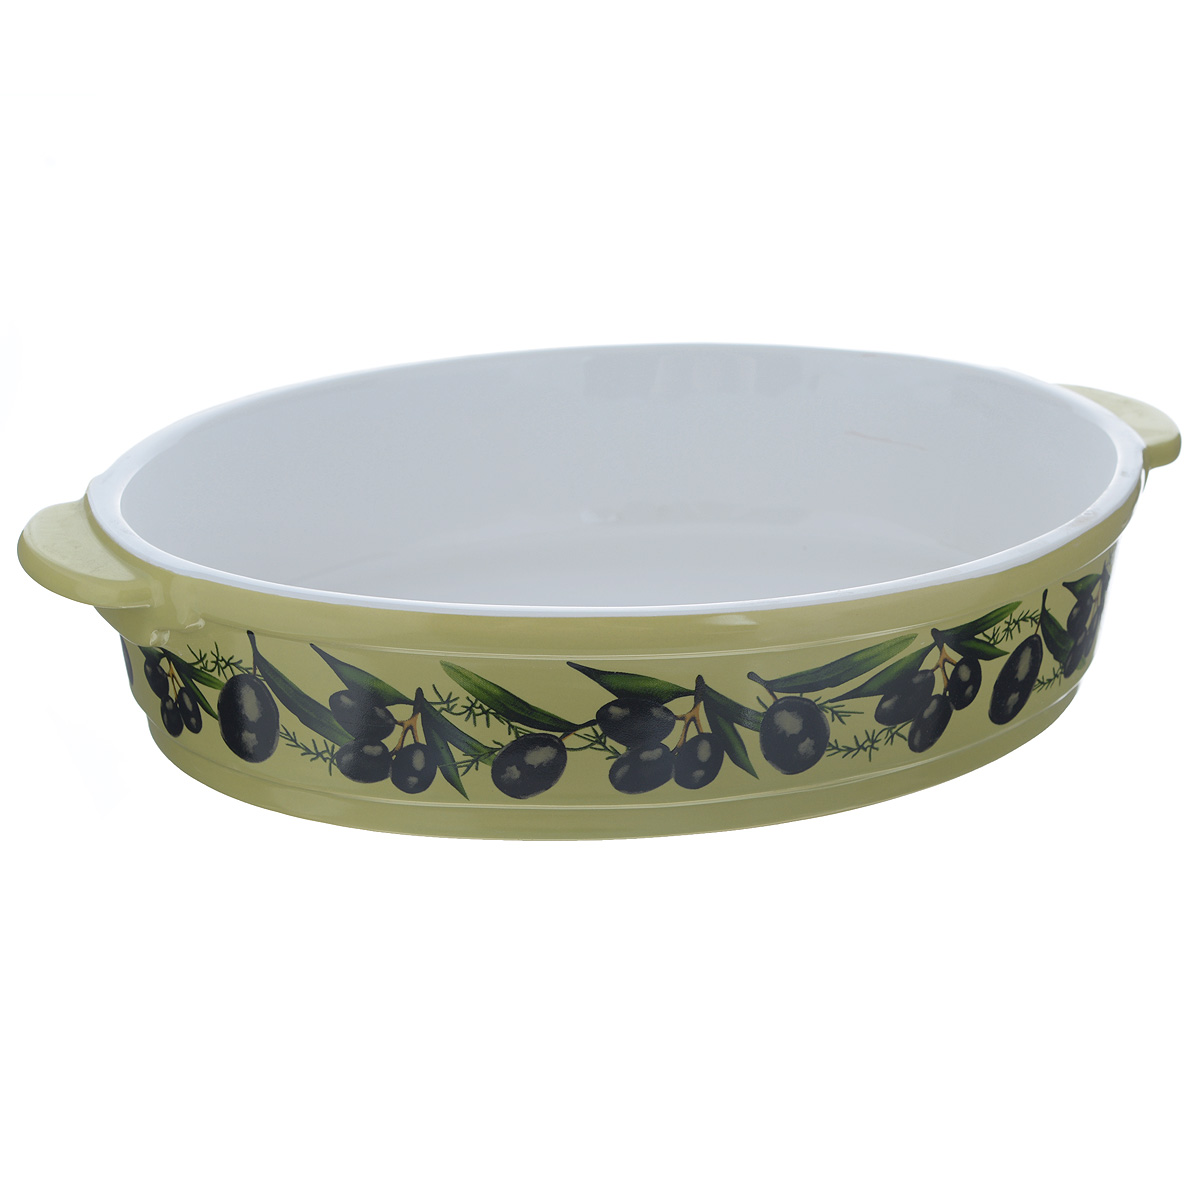 Форма для запекания Едим Дома Тоскана, овальная, 31 х 25 см форма для запекания едим дома прованс овальная 31 см х 25 см